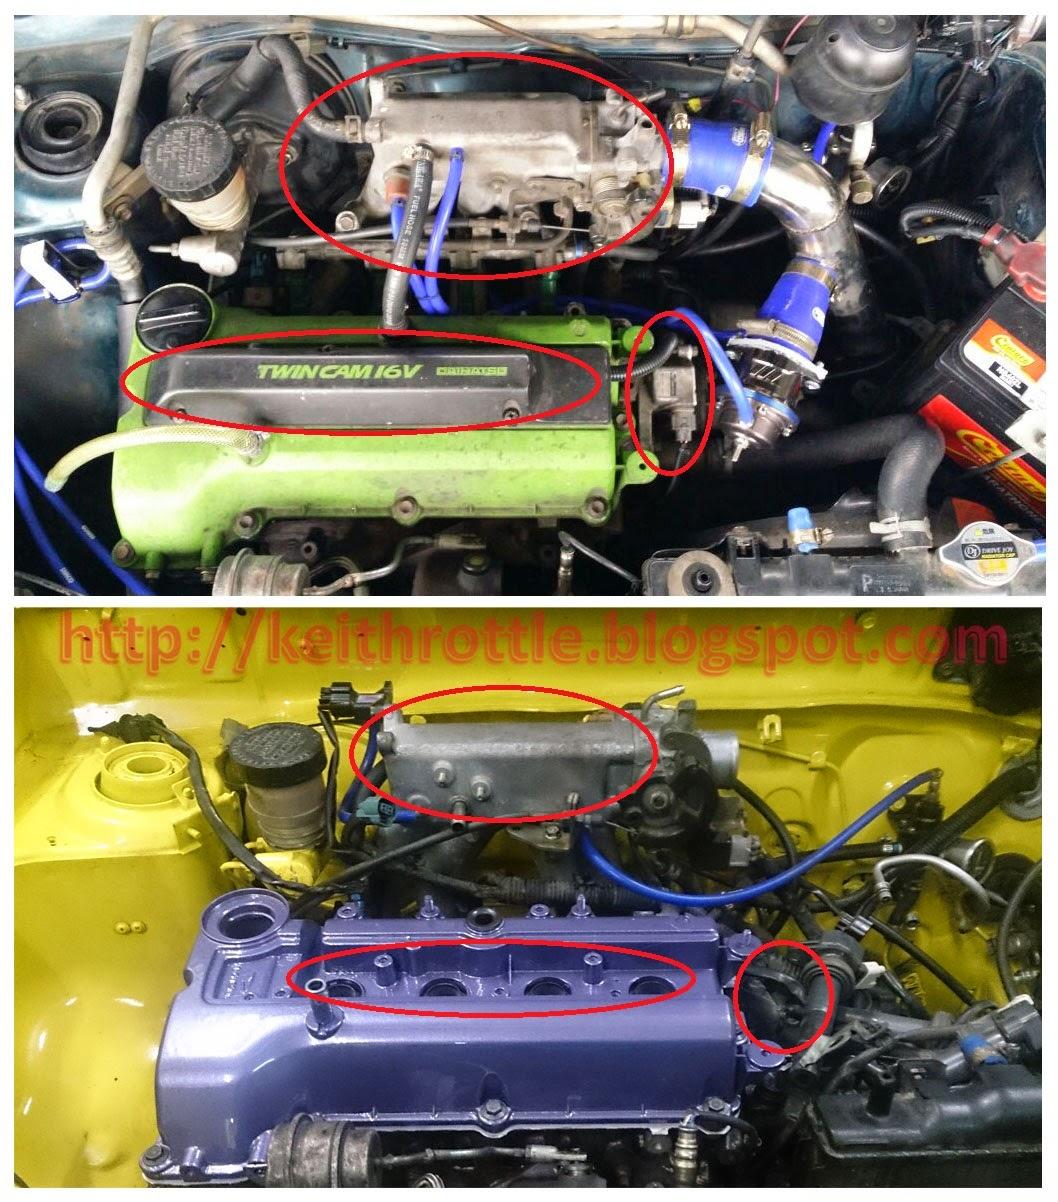 medium resolution of jb jl vs jb det daihatsu engine comparison